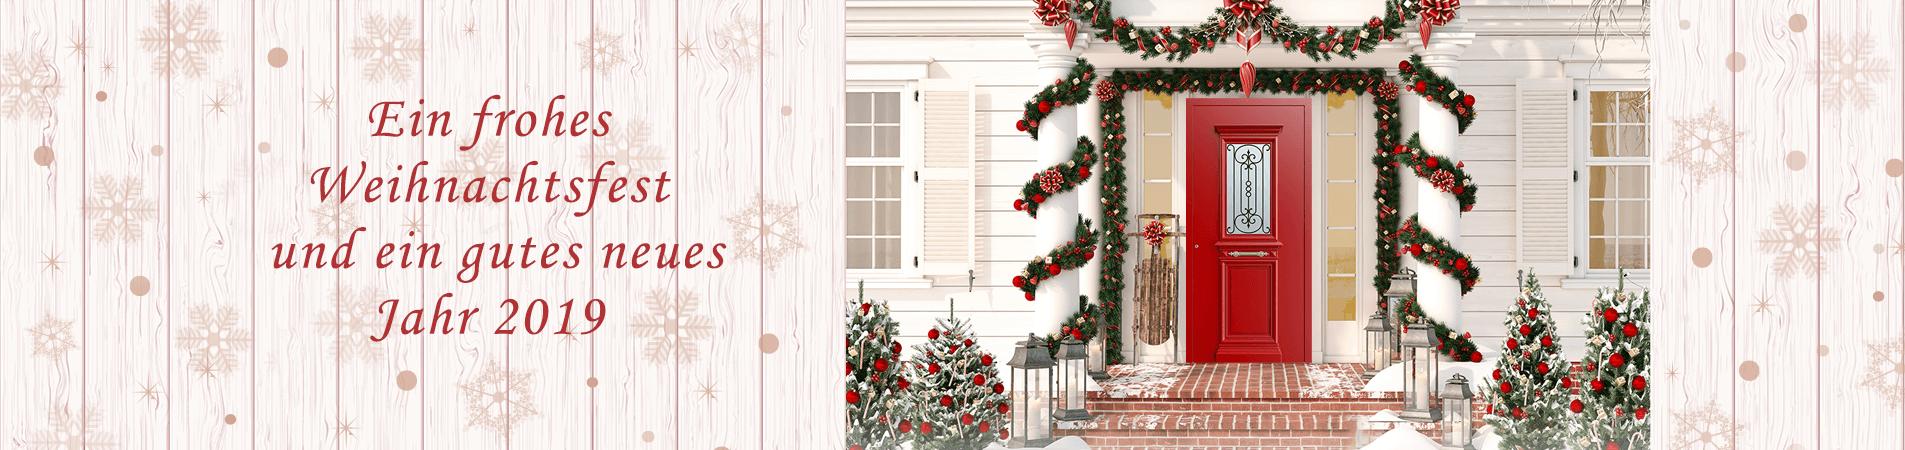 Detural Wuenscht ein frohes Weihnachtsfest